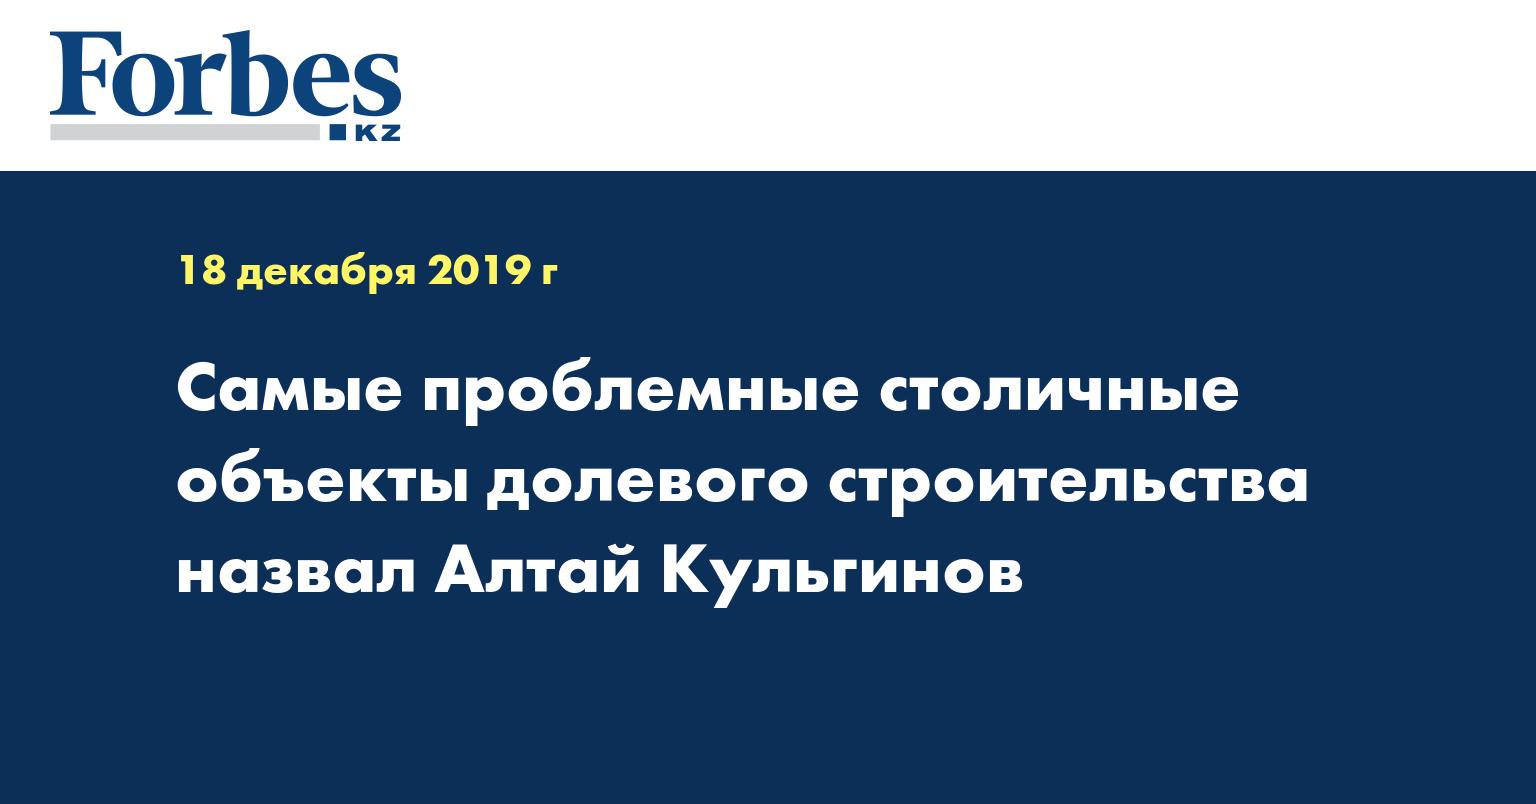 Самые проблемные столичные объекты долевого строительства назвал Алтай Кульгинов